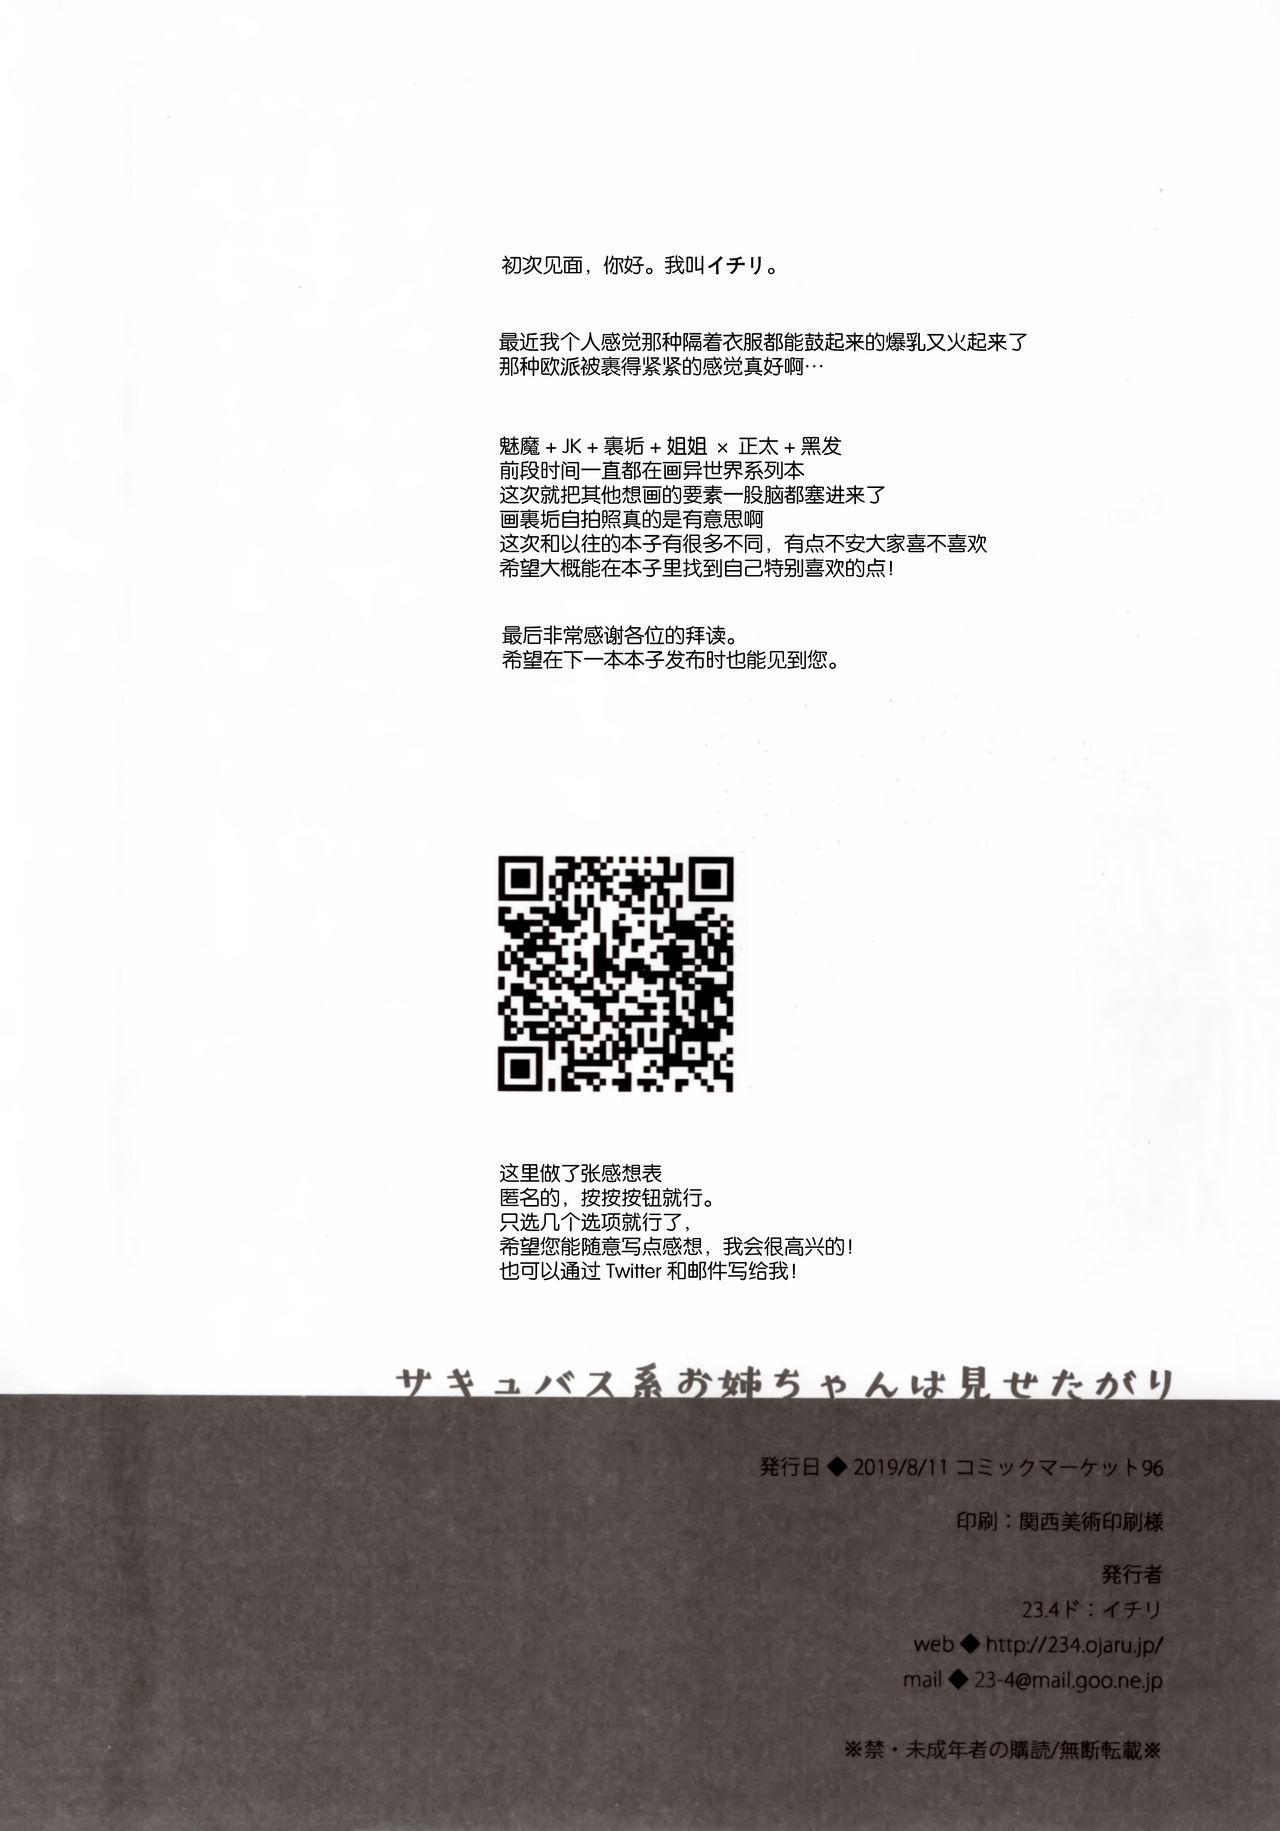 (C96) [23.4do (Ichiri)] Succubus-kei Onee-chan wa Misetagari [Chinese] [绅士仓库&Lolipoi联合汉化] 25